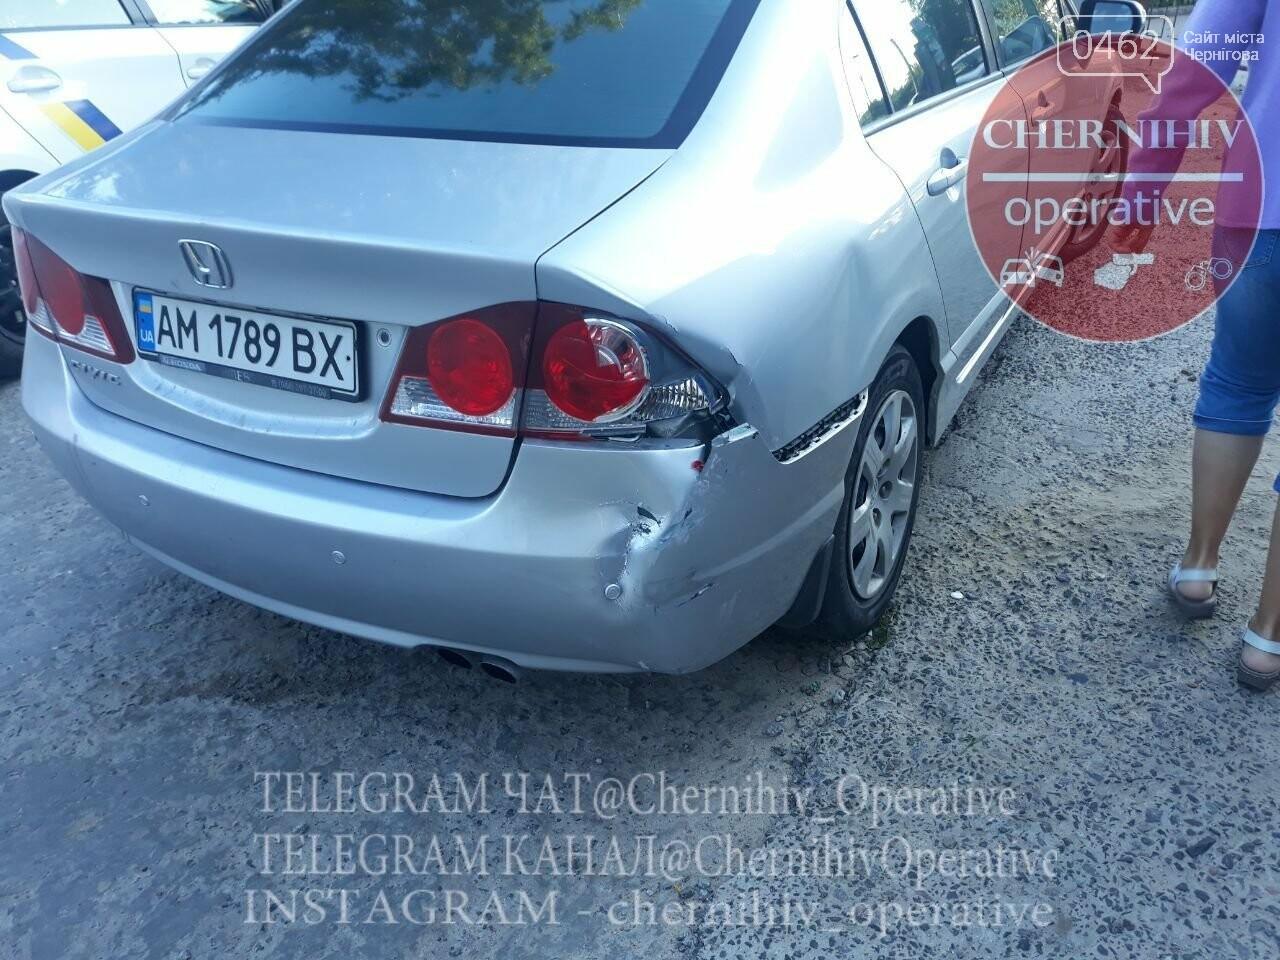 ДТП на ровном месте: в Чернигове водитель повредил стоящие на парковке авто, фото-5